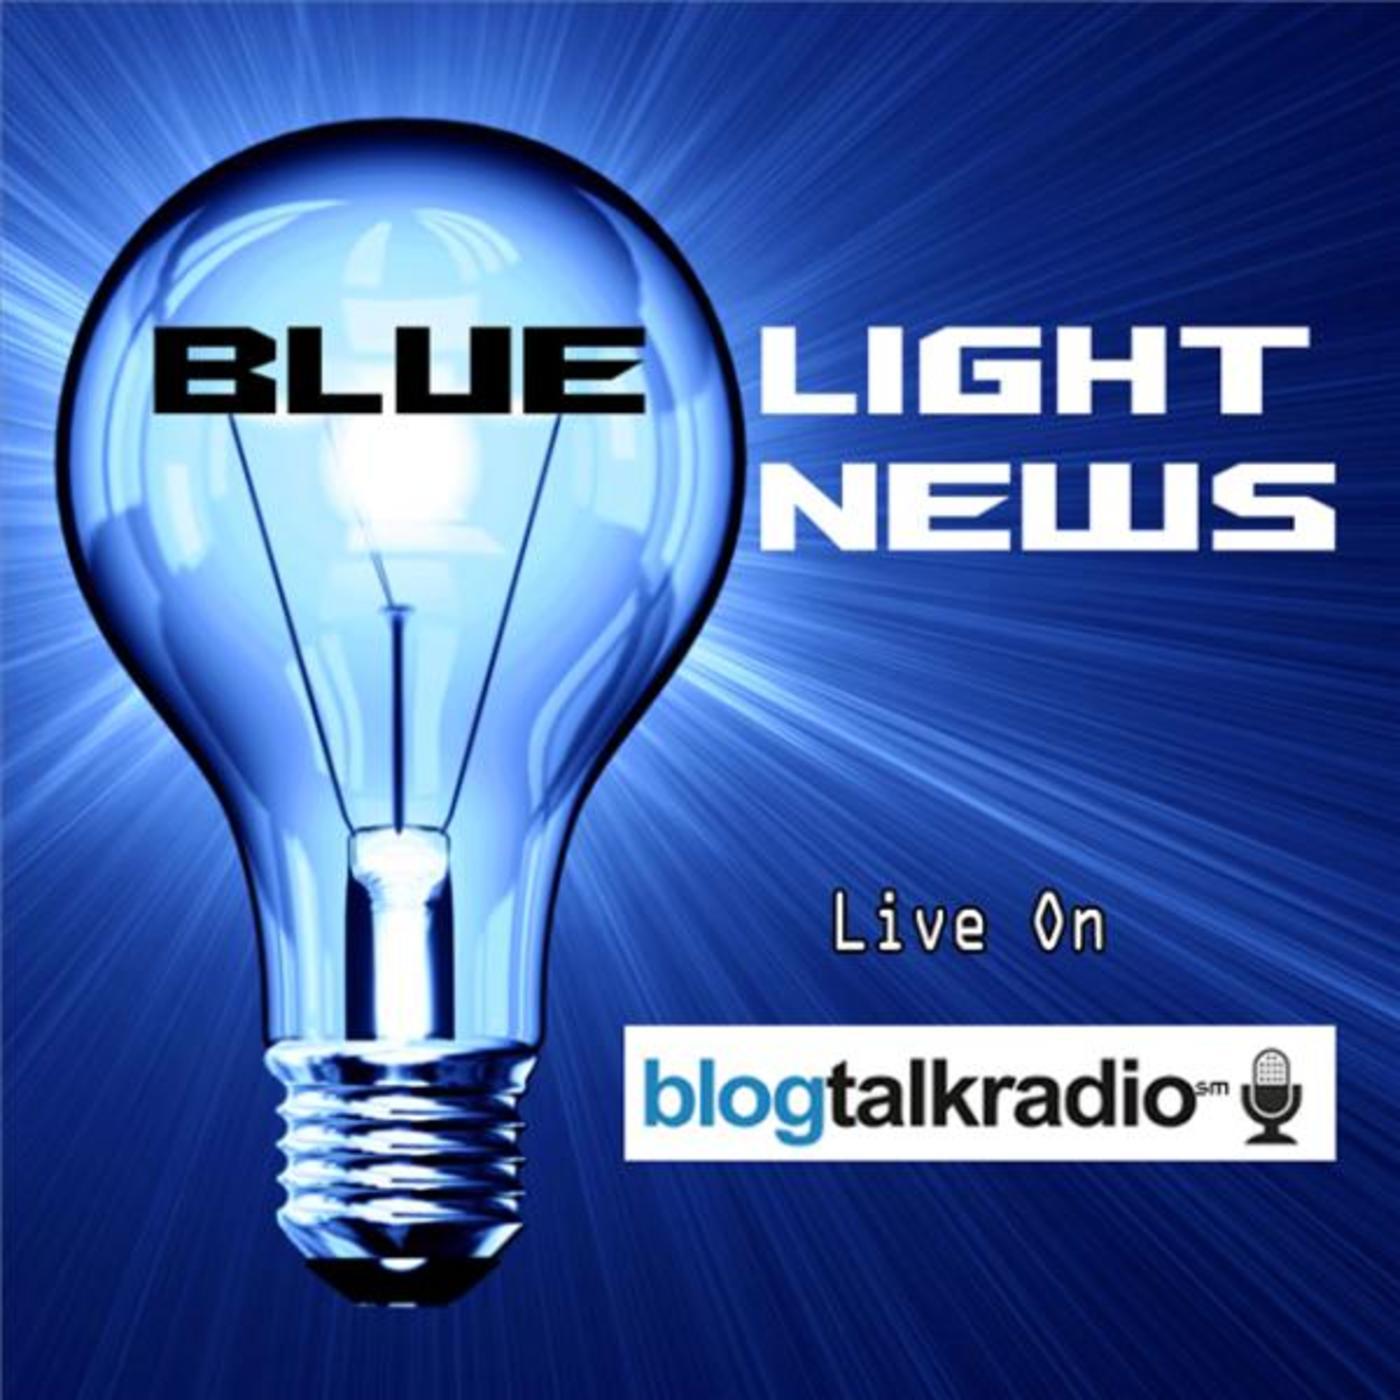 Blue Light News